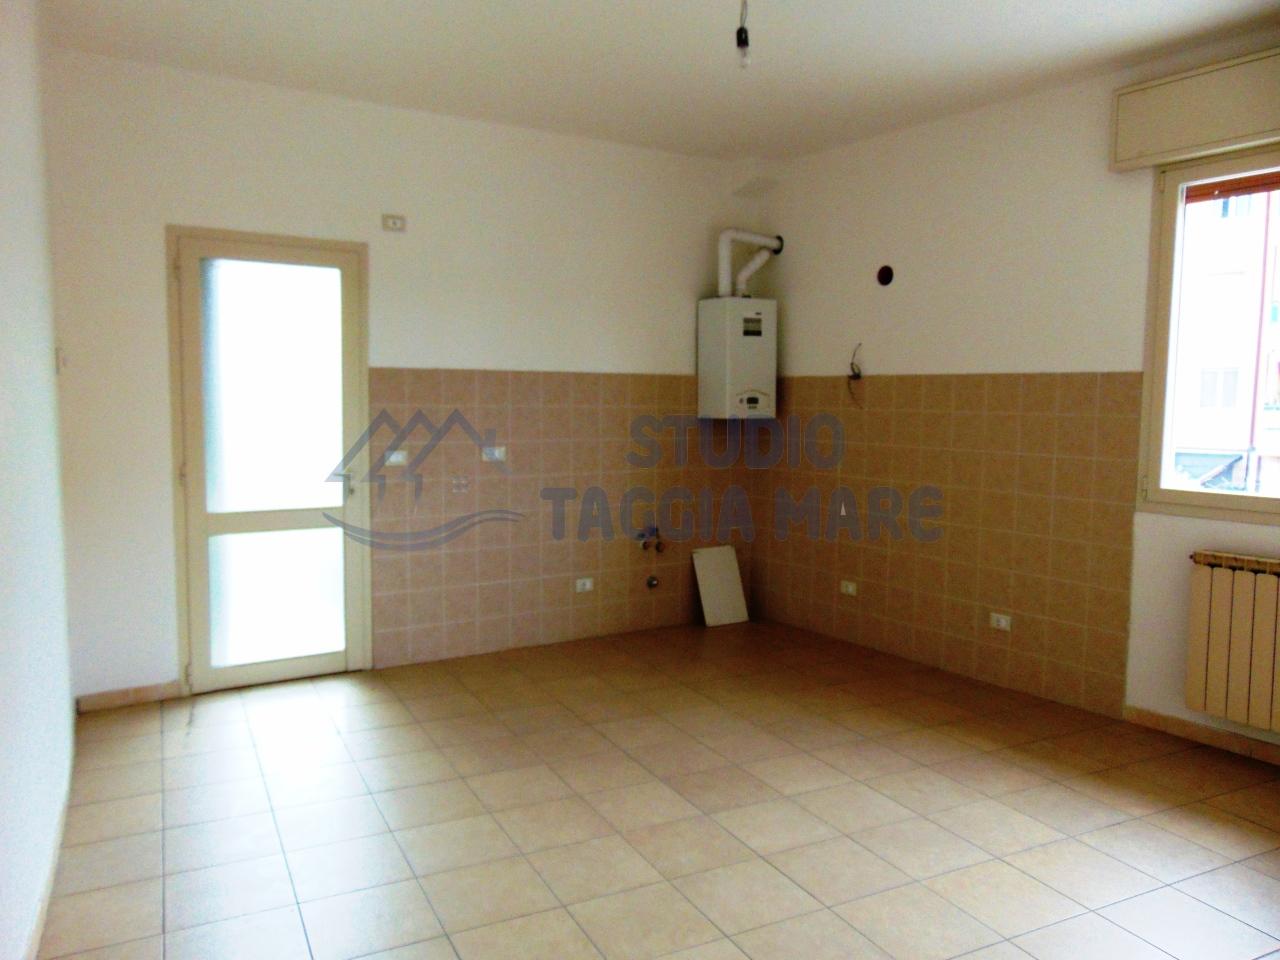 Appartamento in vendita a Taggia, 2 locali, prezzo € 127.000 | CambioCasa.it